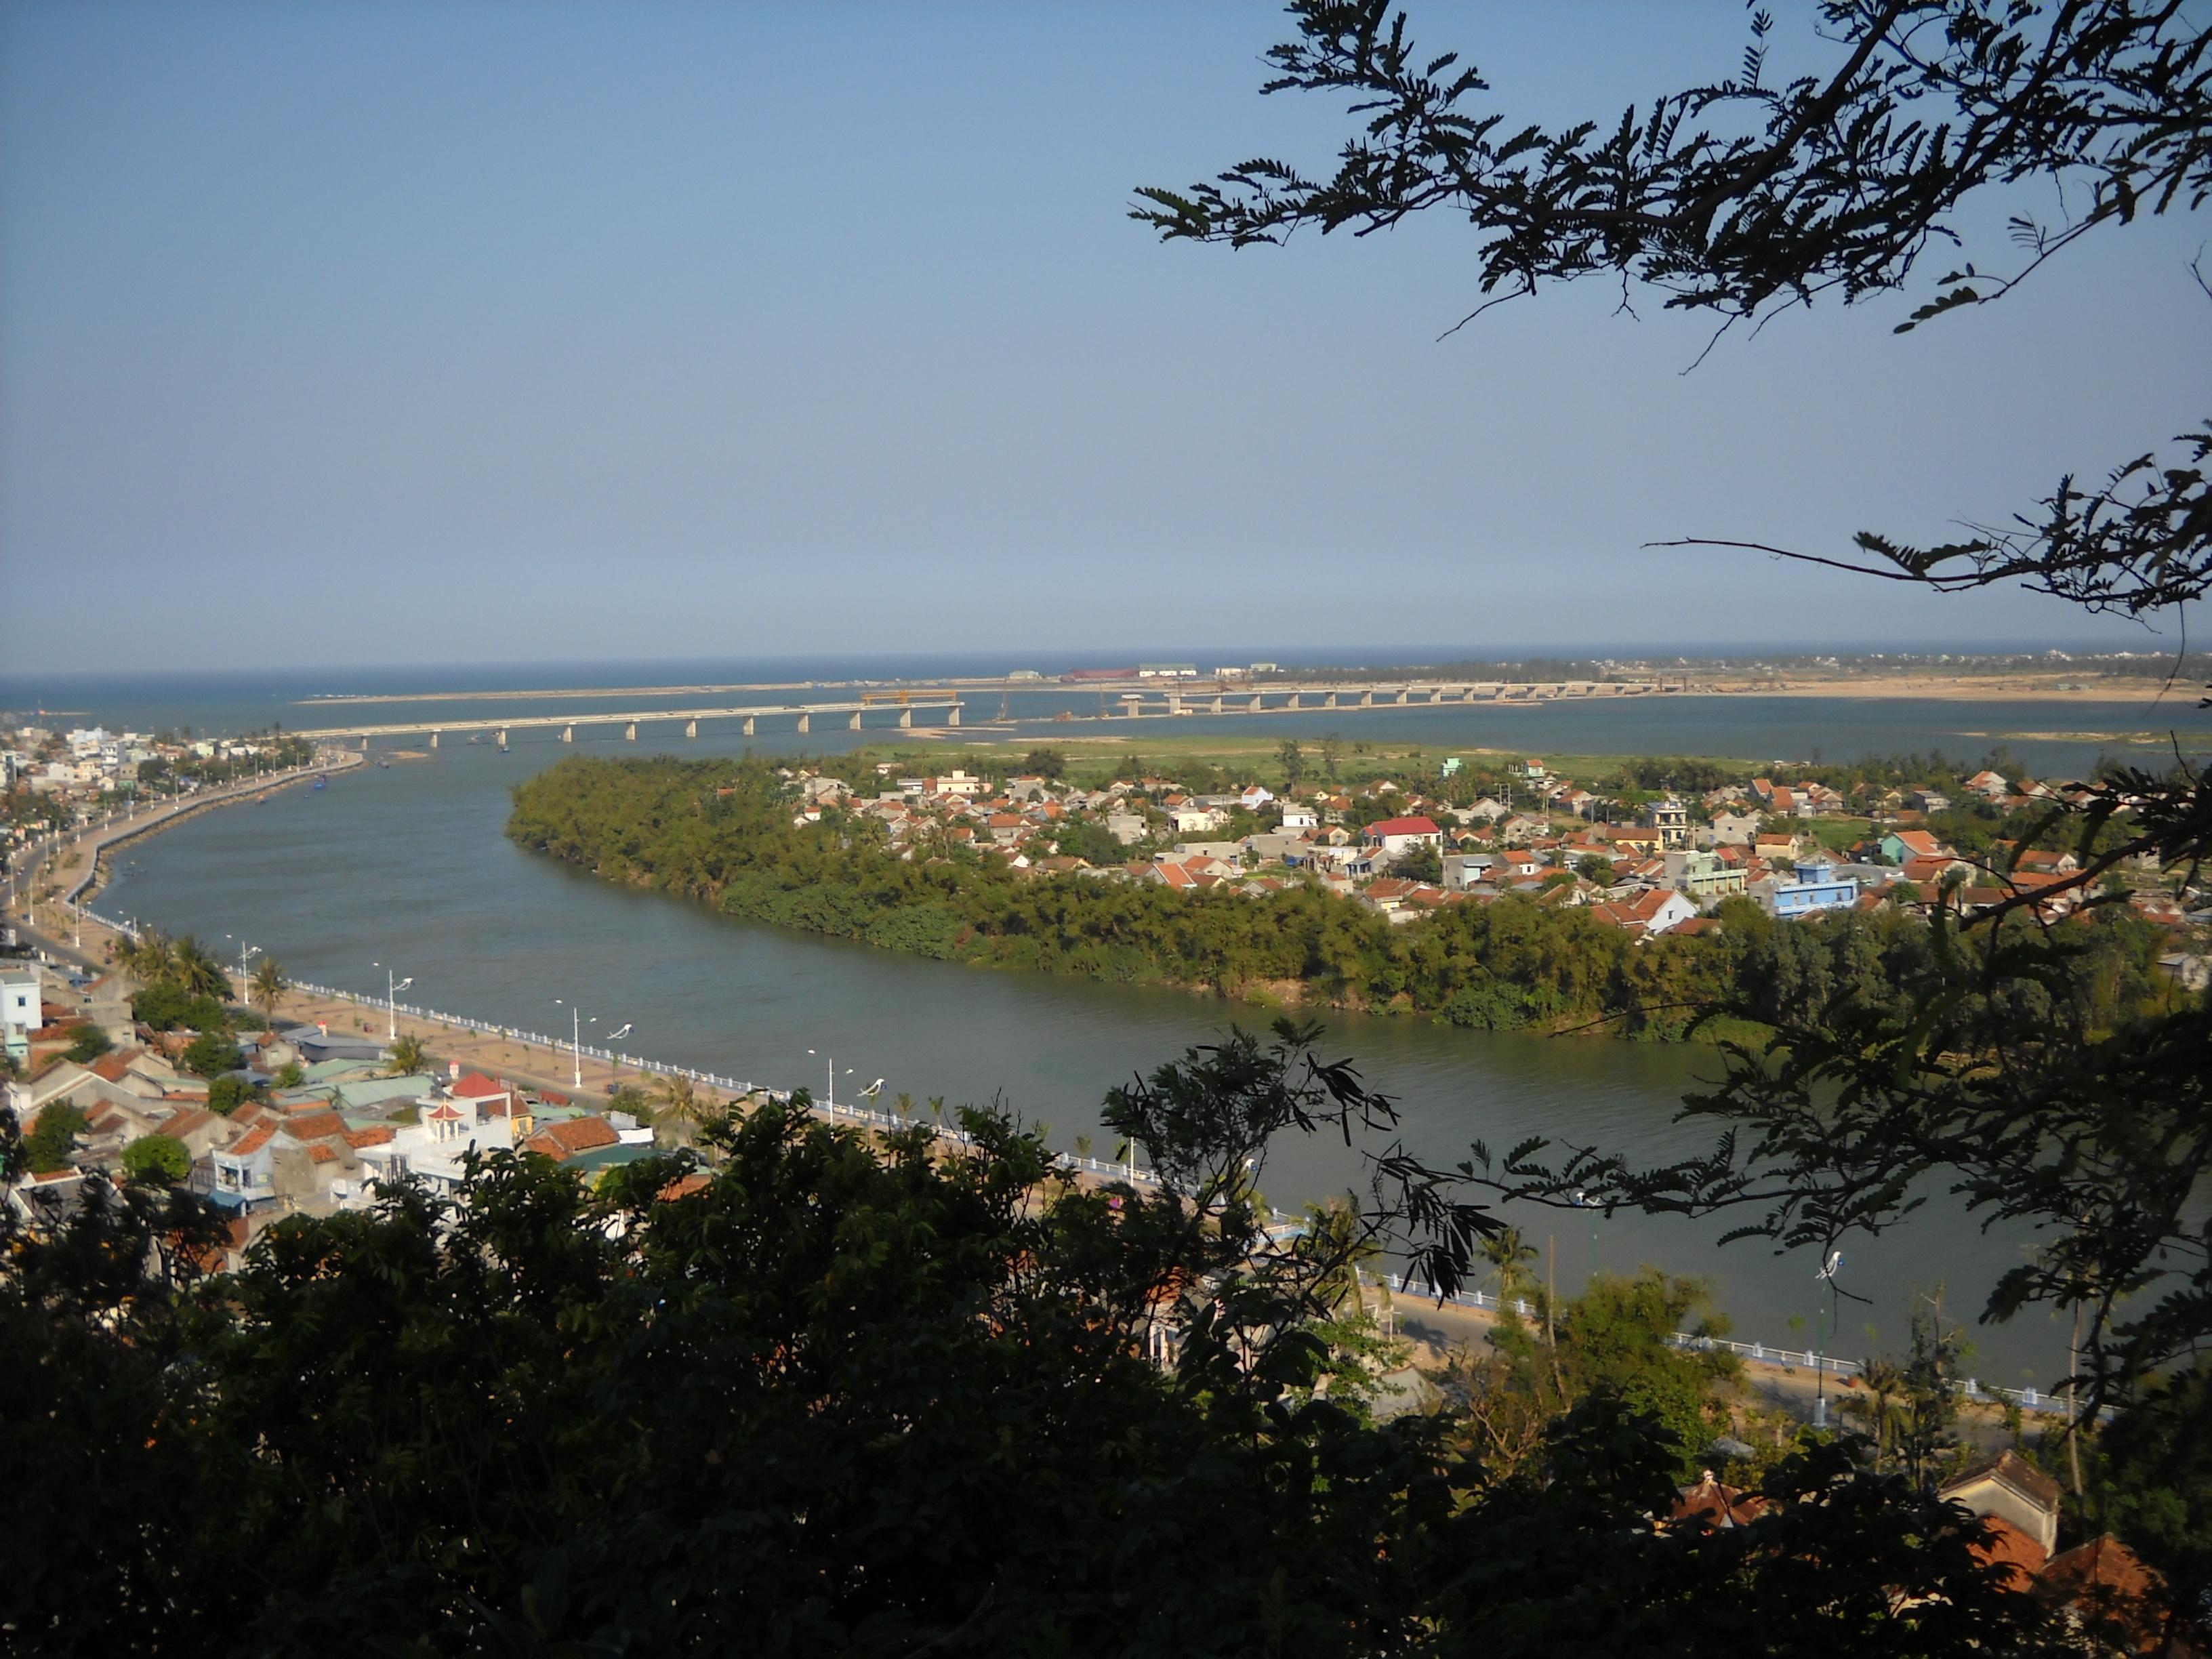 Tuy Hoa (Phu Yen) Vietnam  city photo : Cầu Đà Rằng mới, Tuy Hòa, Phú Yên Wikipedia, the ...